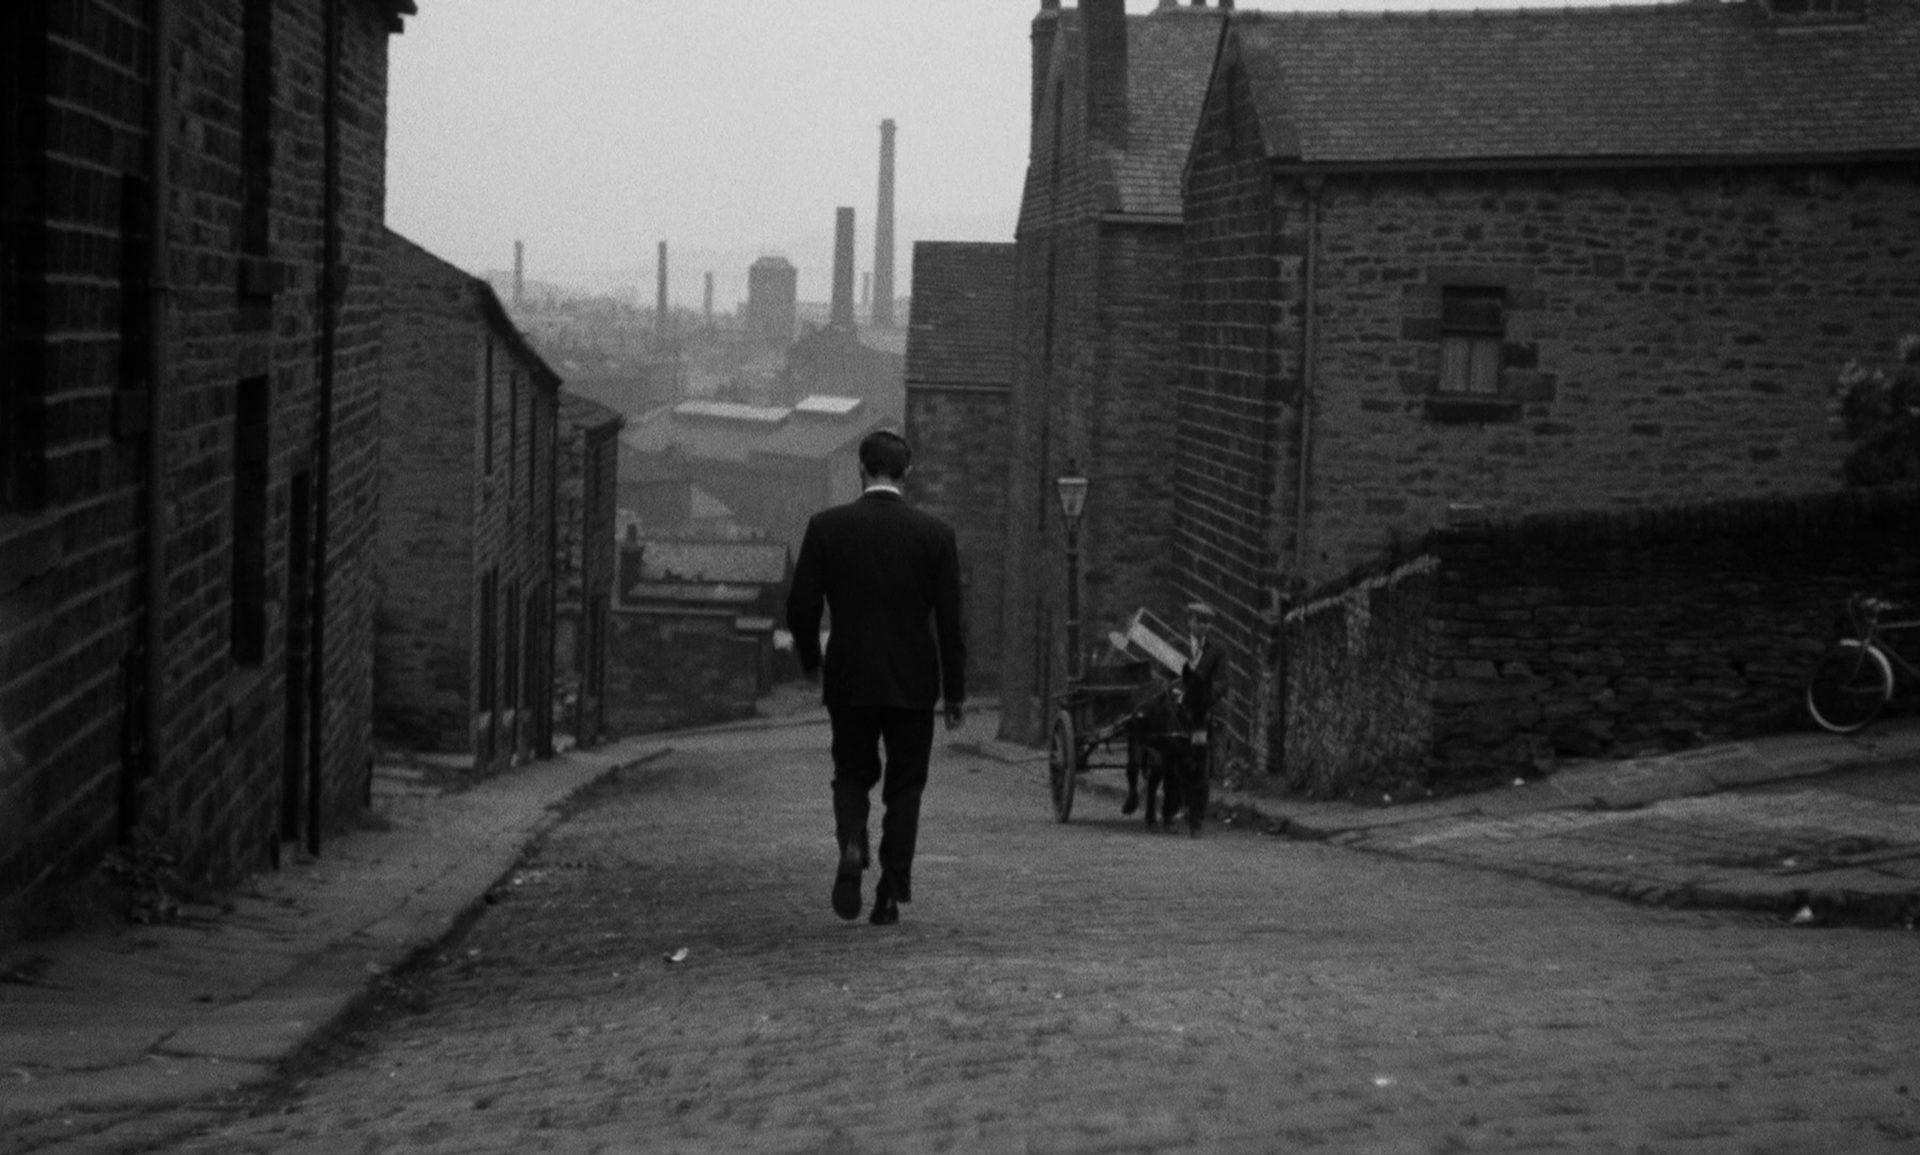 Blick eine Straße eines Arbeiterviertels hinunter, auf den Rücken eines hinuntergehenden Mannes; am Straßenrand geht ein Mann mit seinem Wagen, den ein Esel hinaufzieht; im Hintergrund ragen Fabrikschlote empor.